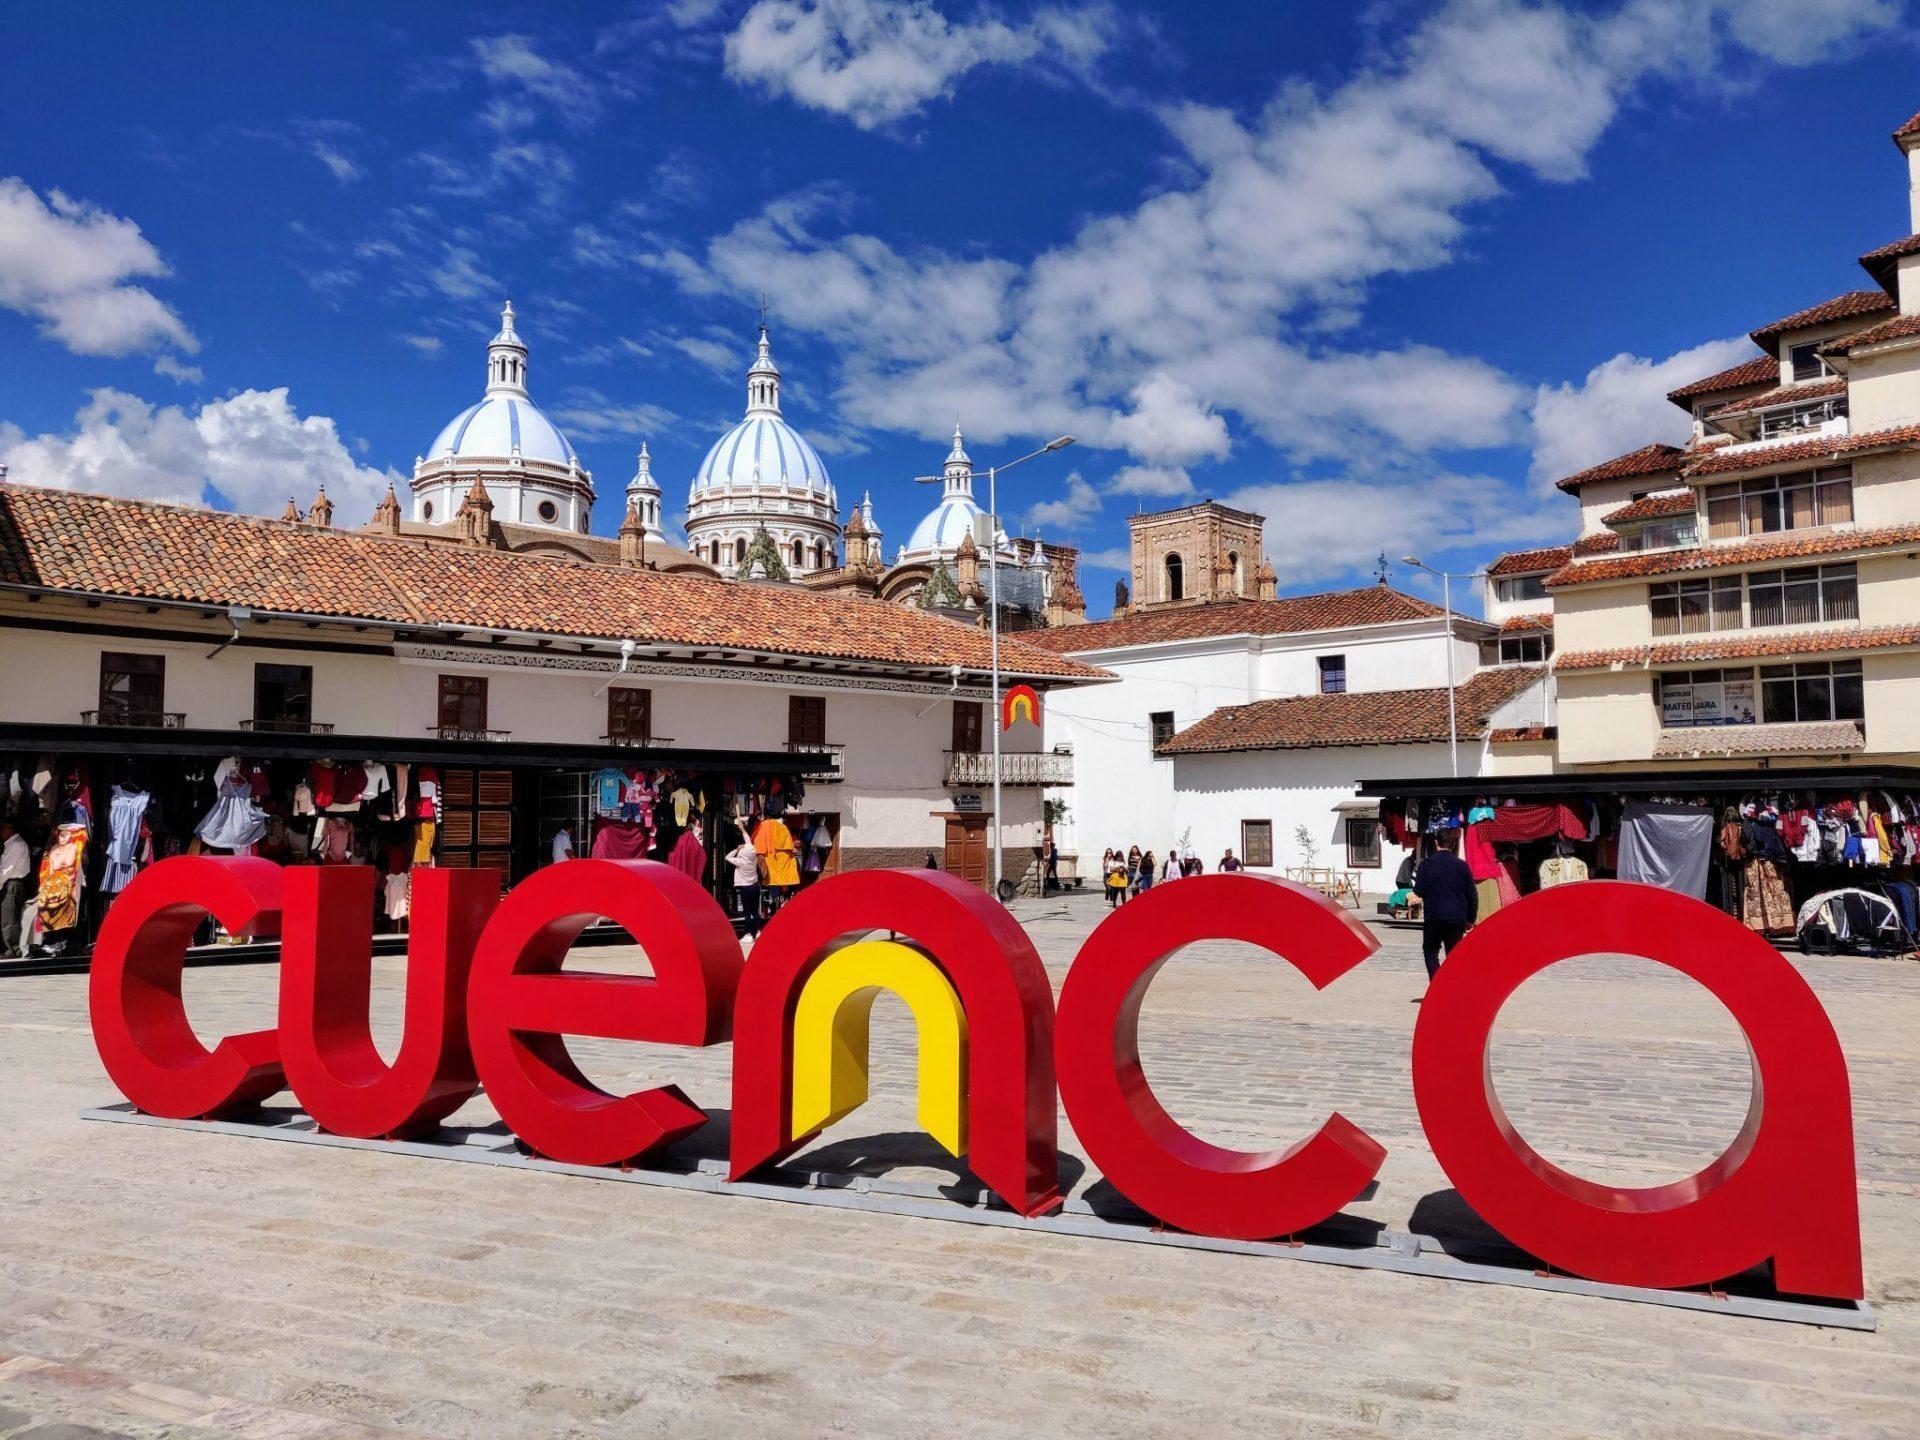 [Image: Cuenca-sign.jpg]